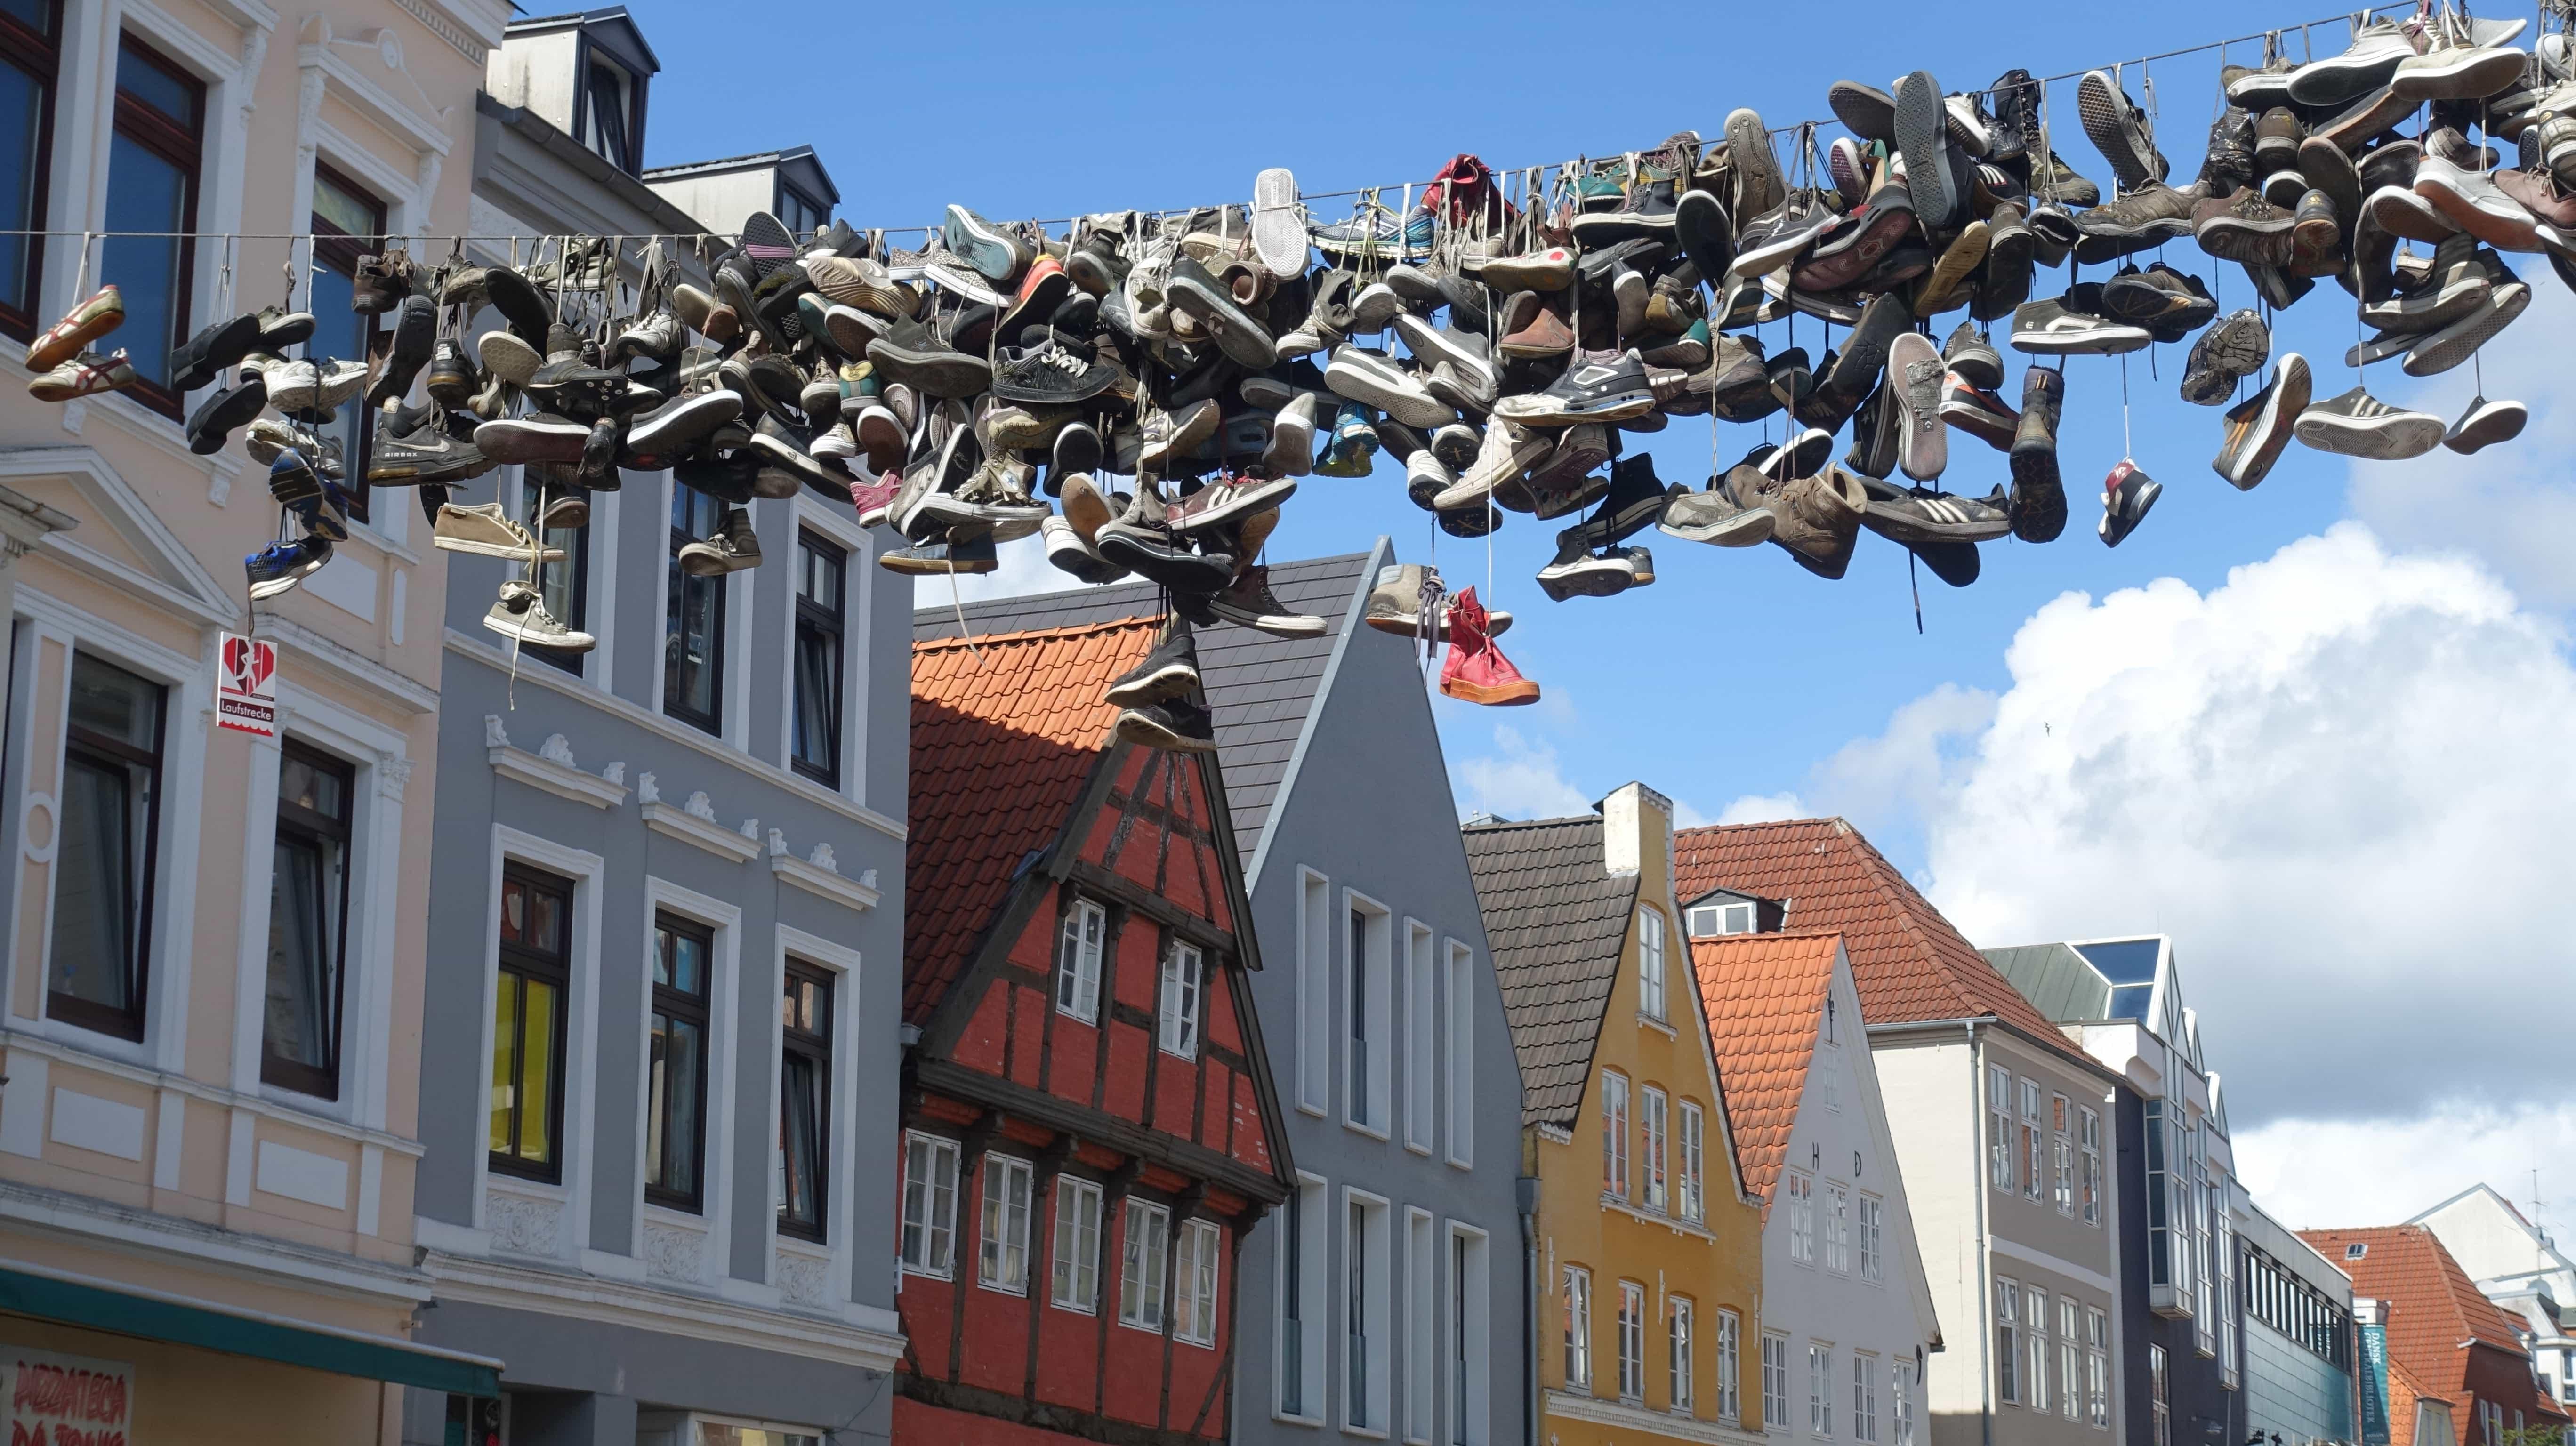 In der Flensburger Norderstraße hängen Schuhe an der Leine